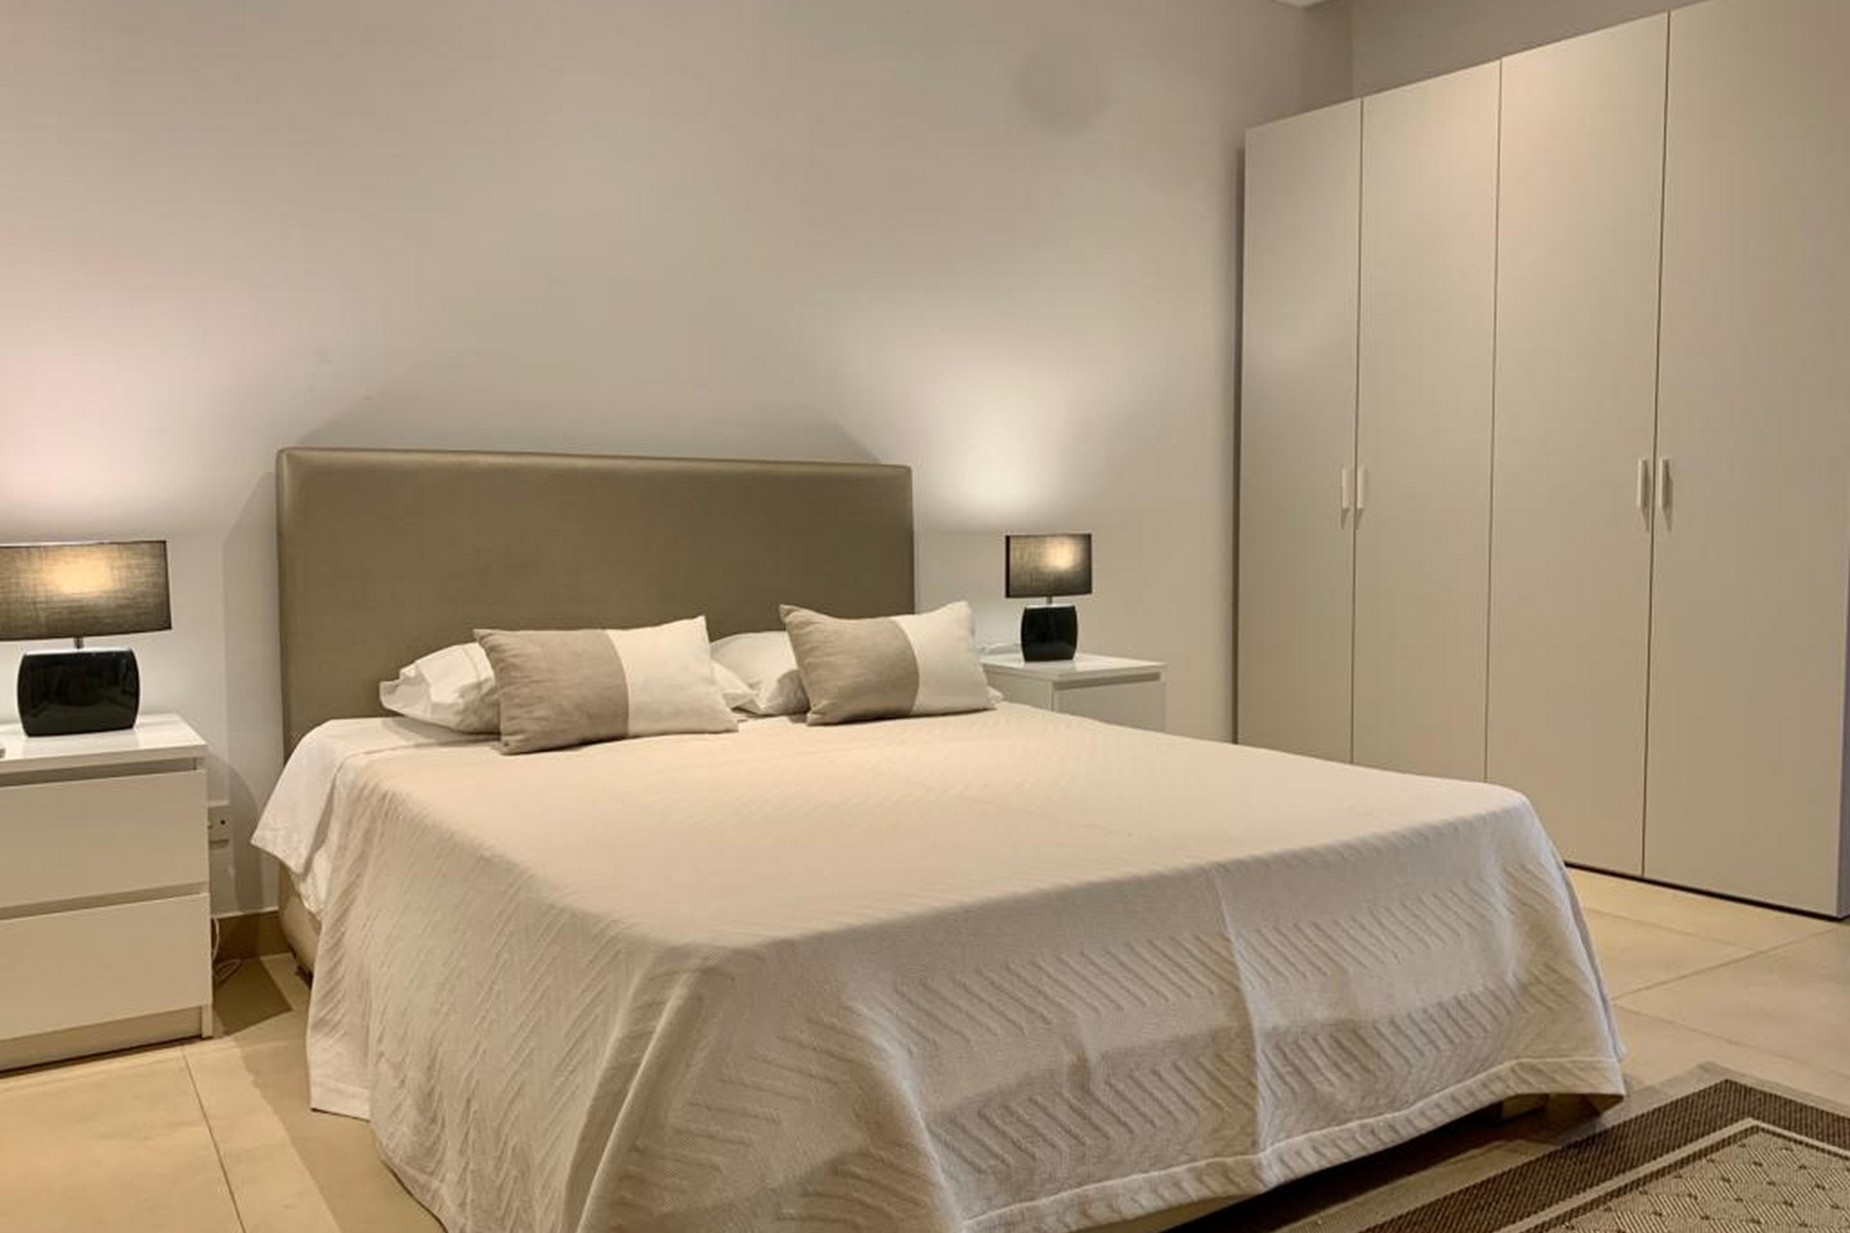 3 bed Apartment For Rent in Ta' Xbiex, Ta' Xbiex - thumb 23